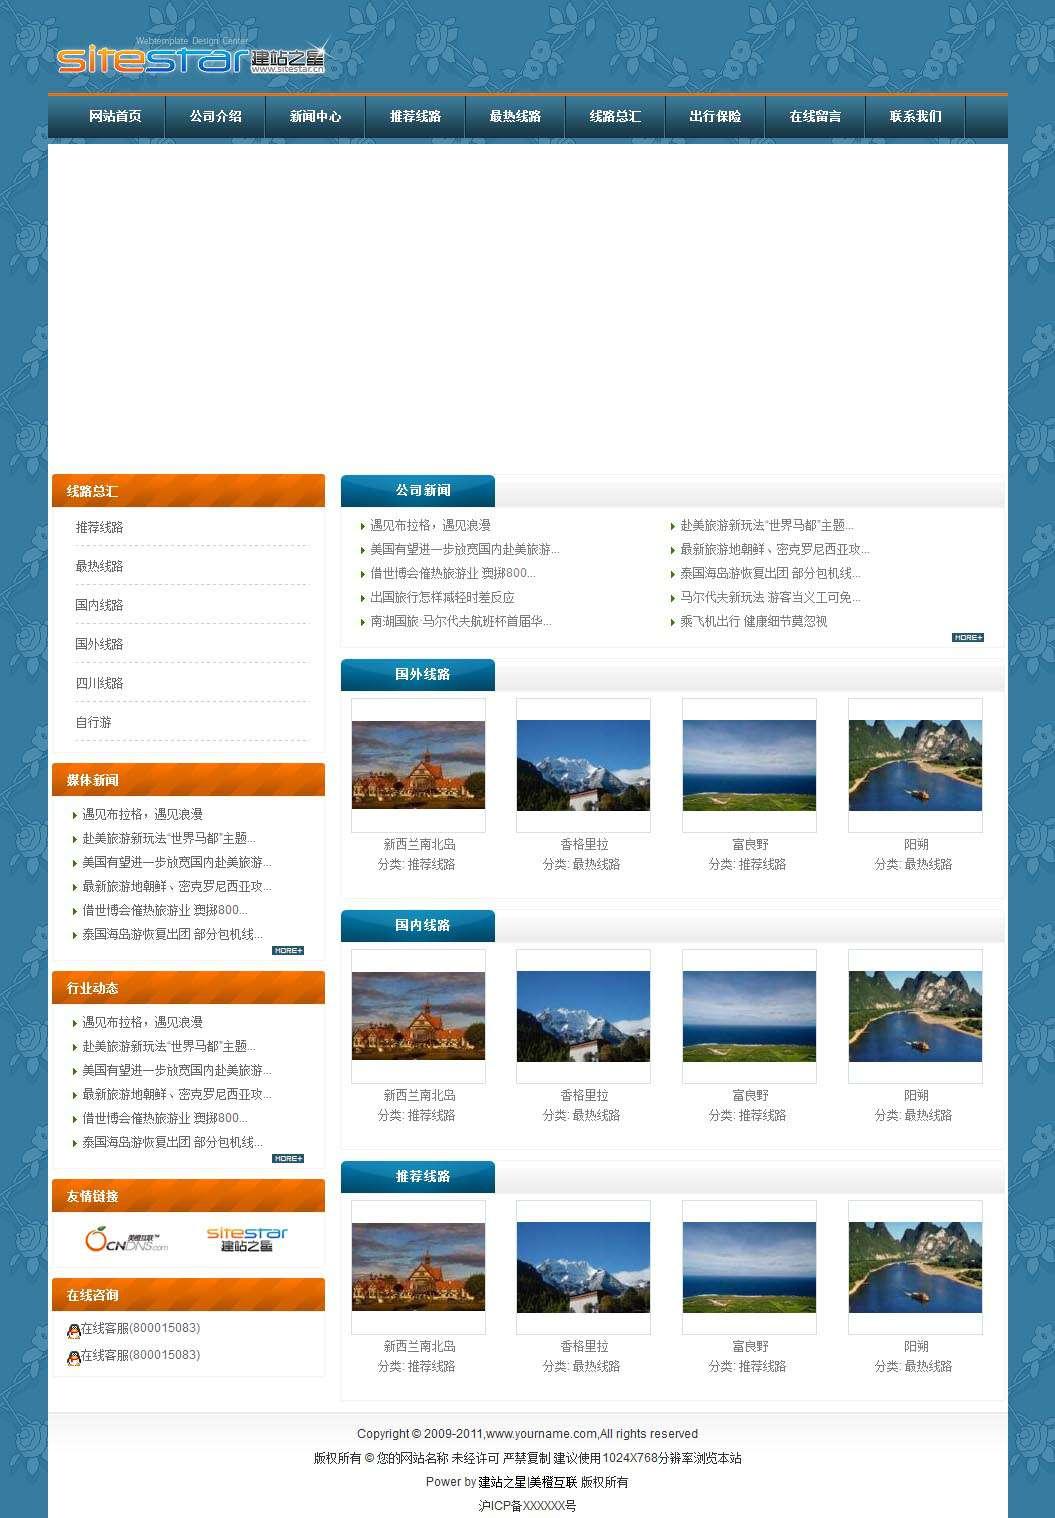 企业网站-风景A19模板首页